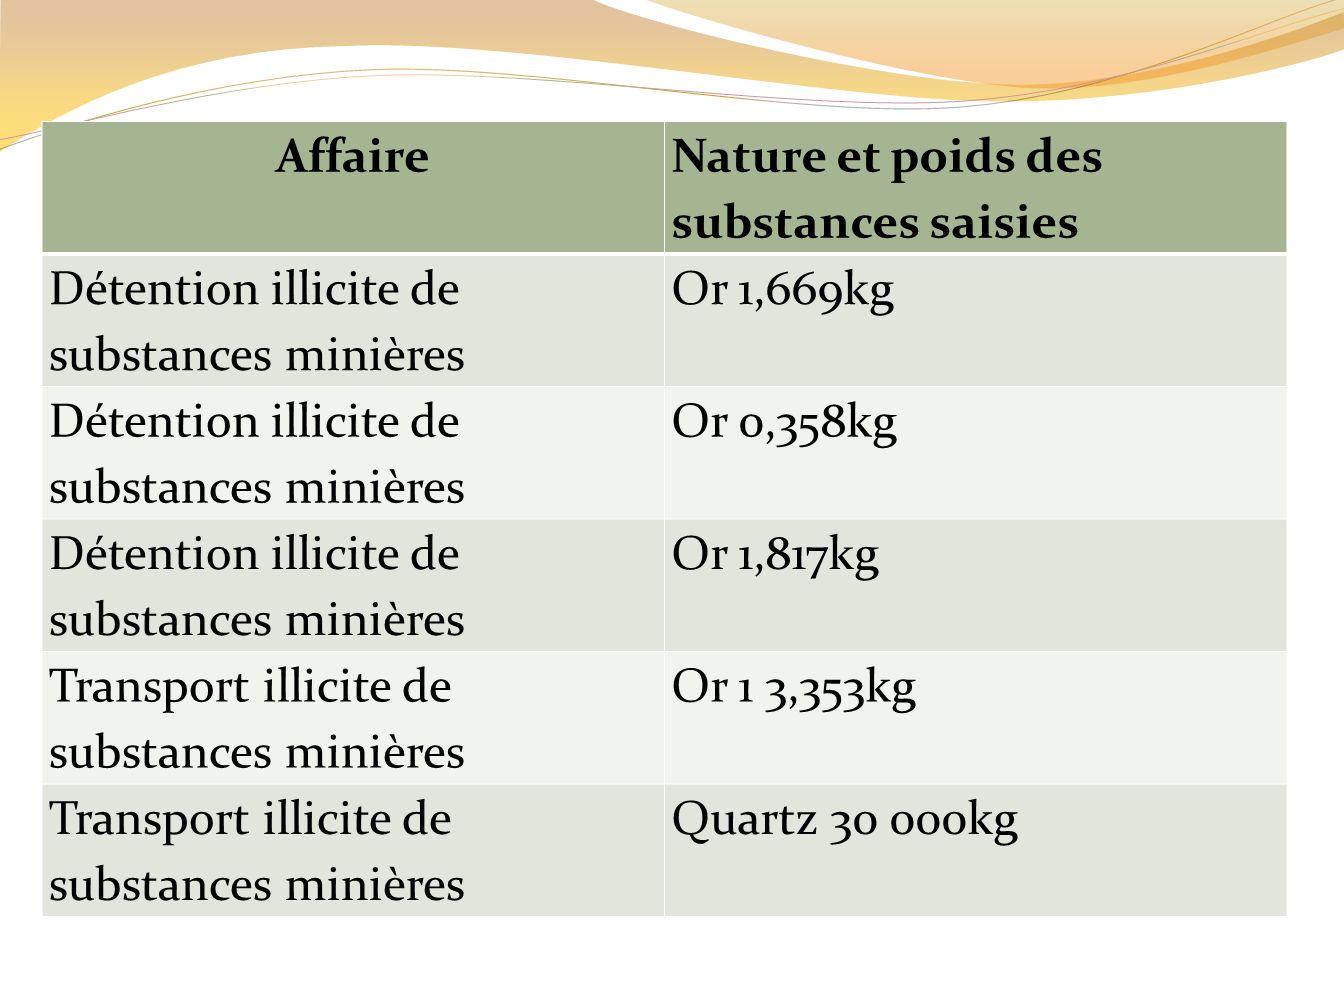 Affaire Nature et poids des substances saisies. Détention illicite de substances minières. Or 1,669kg.